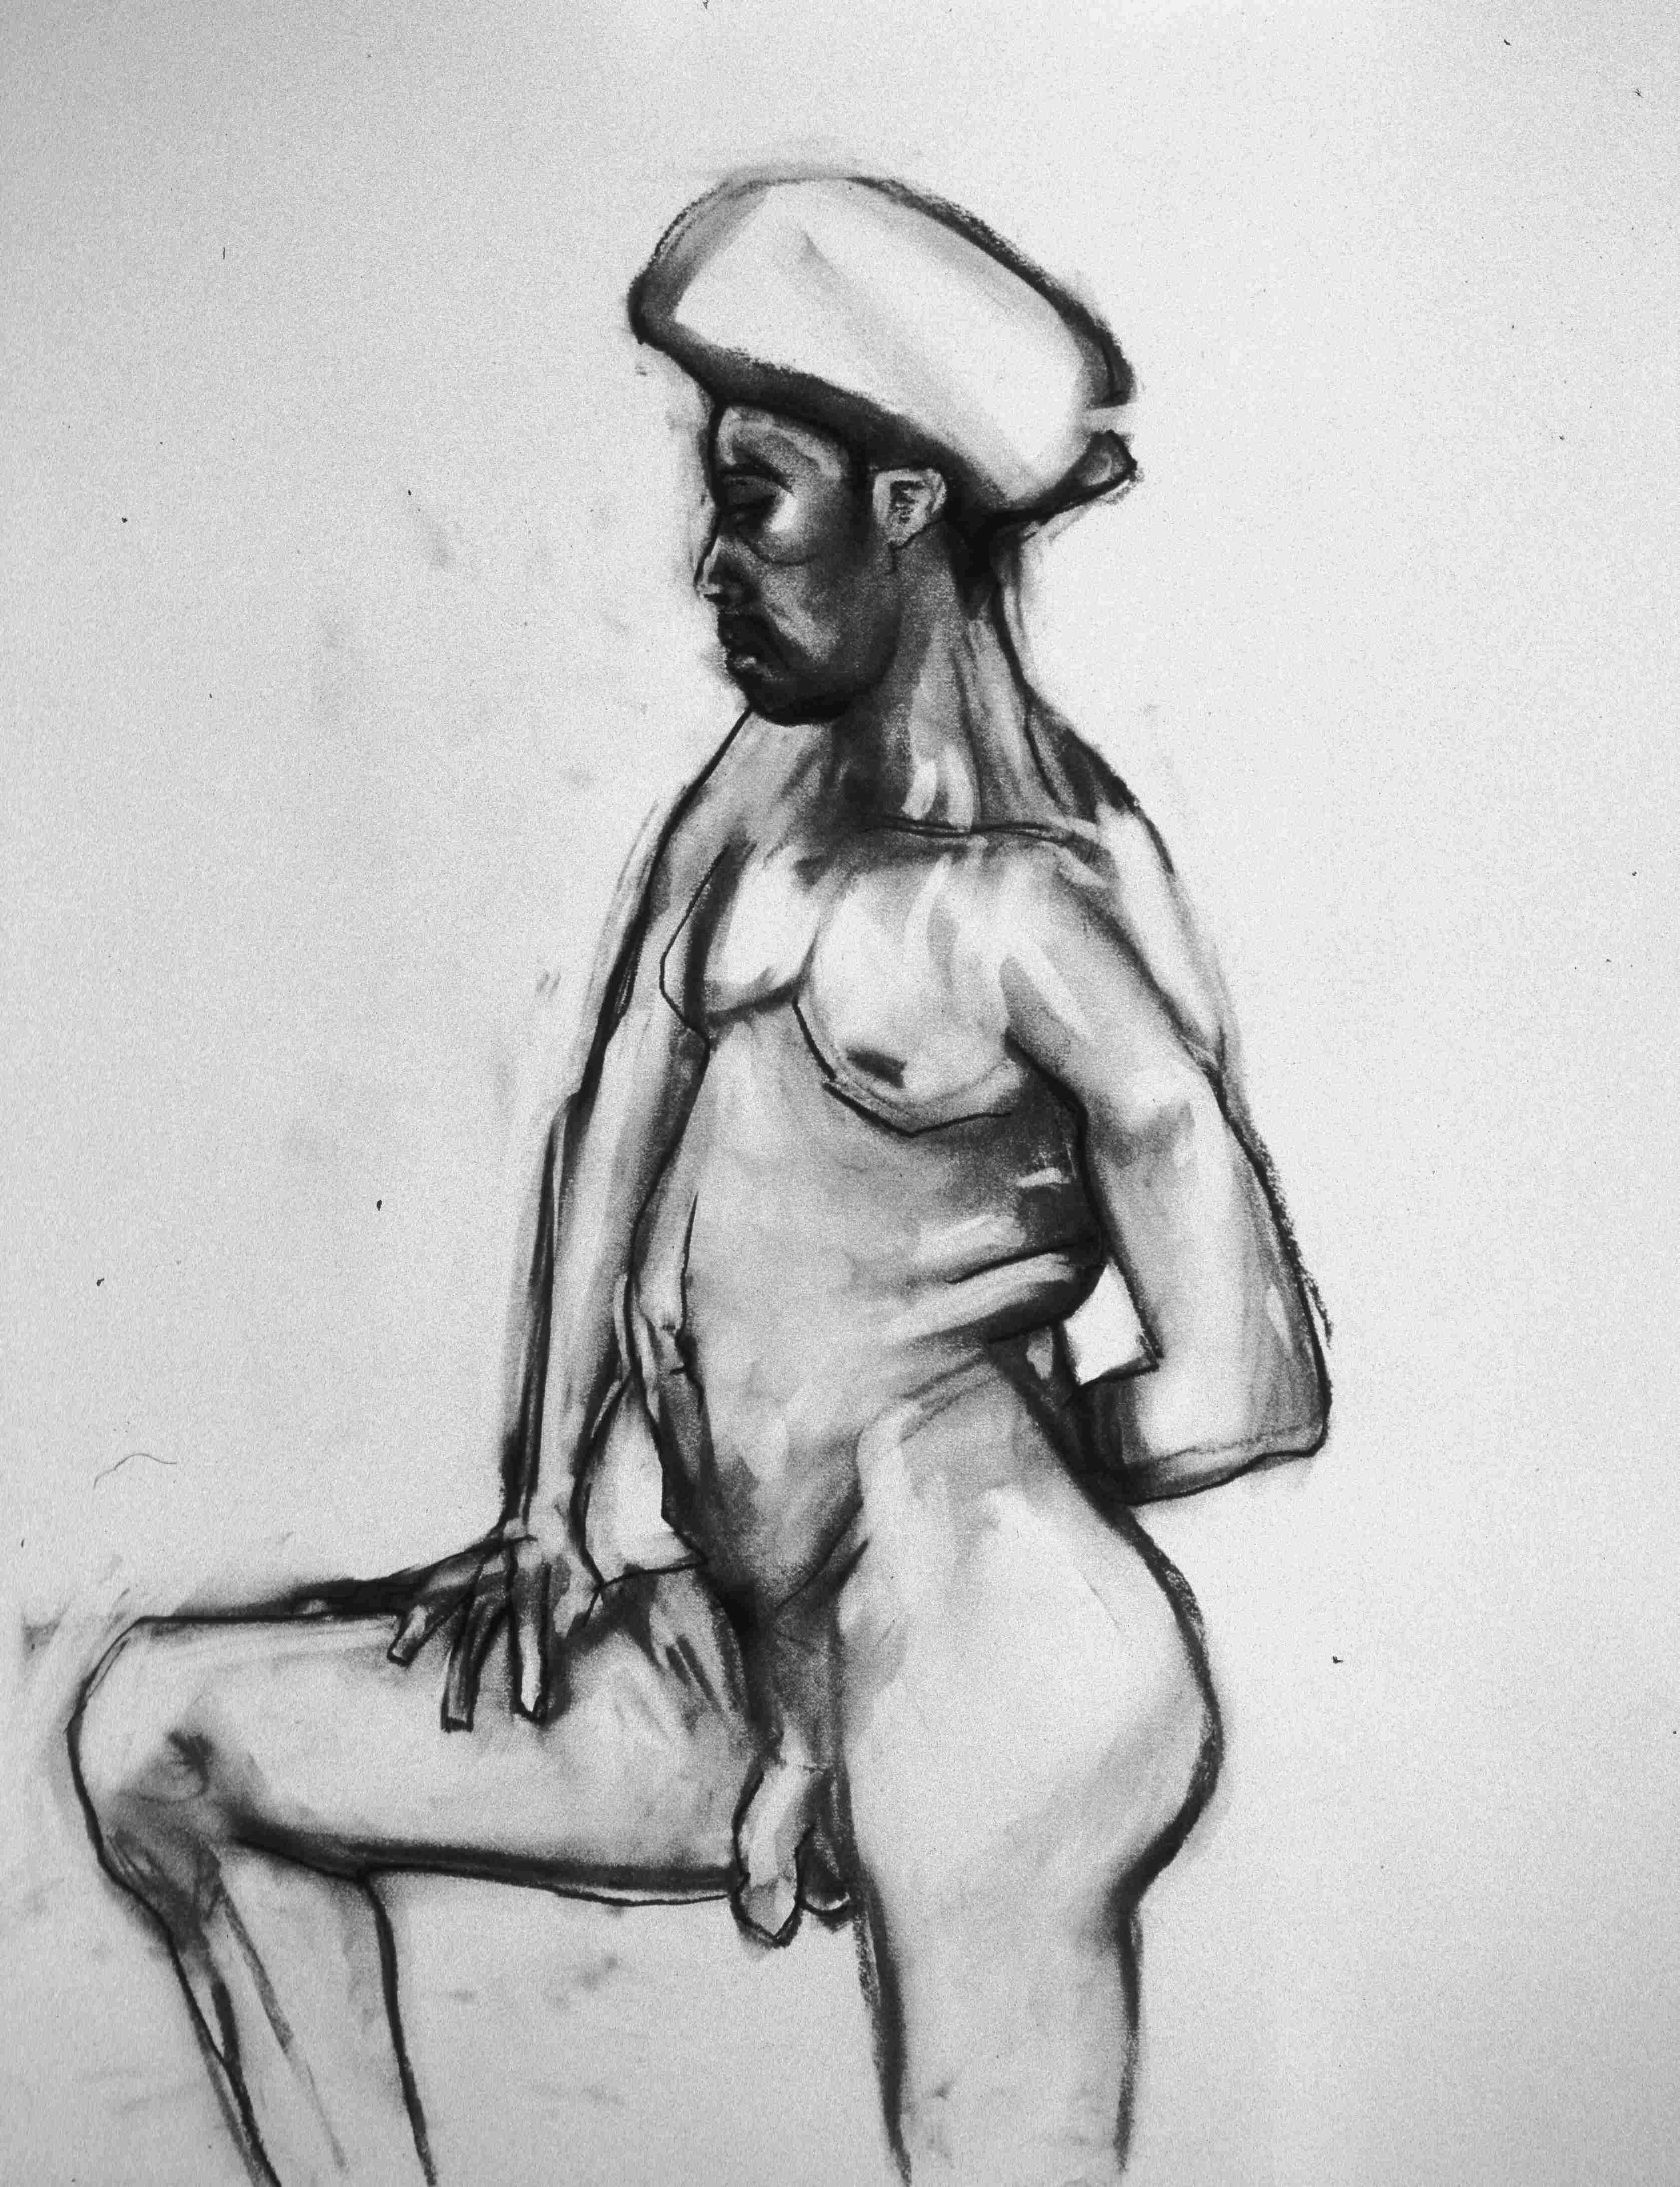 Mann mit Handtuch 48x61